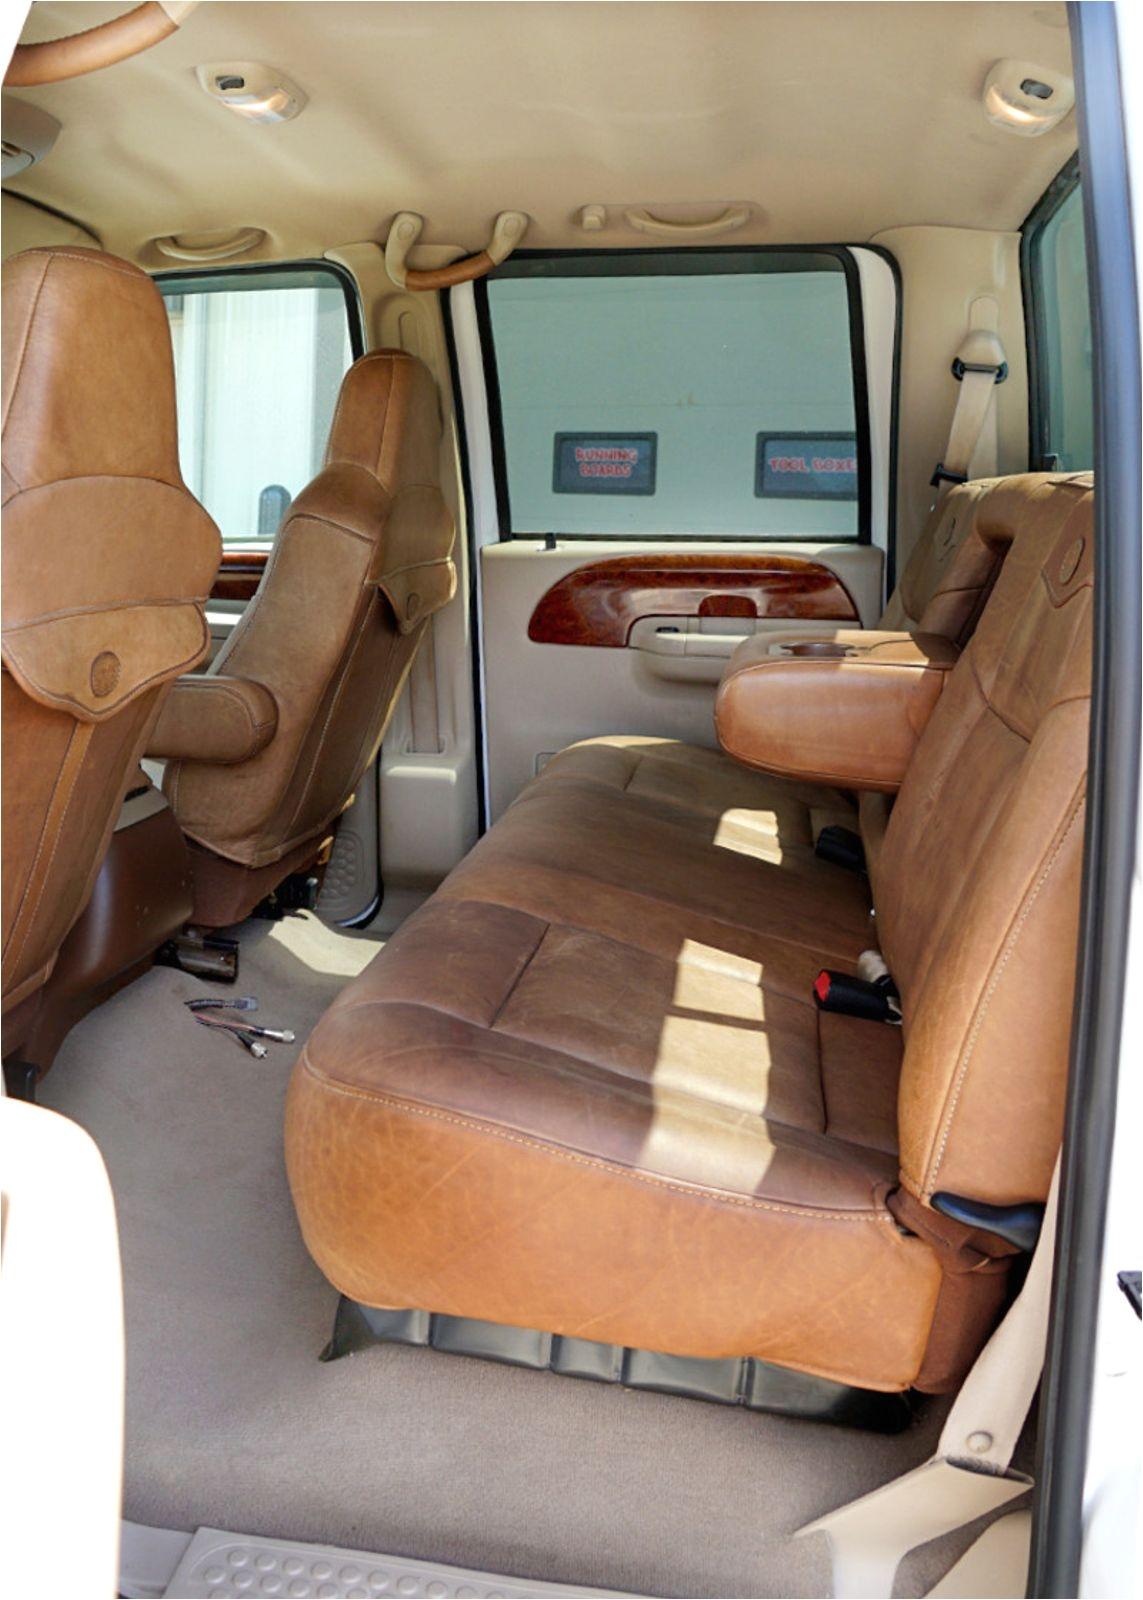 2003 ford super duty f 250 king ranch gifford il travs automotive in gifford